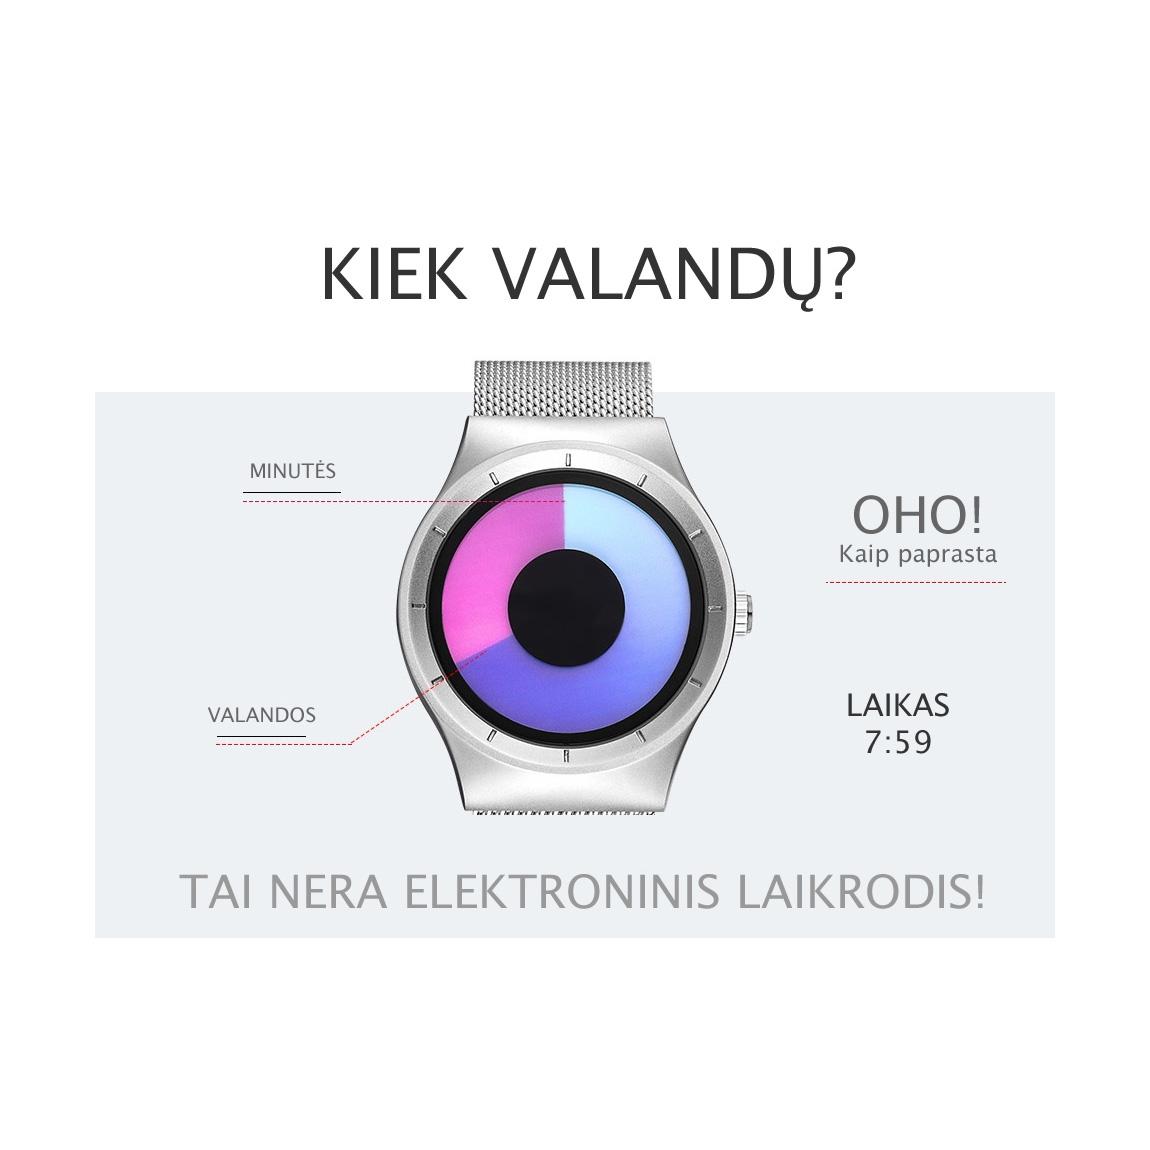 modernus moteriskas laikrodis  dovanos moterims merginai panelei siuolaikiskas modernus isskirtinis unikalus orginalus moteriskas laikrodis sportiska104